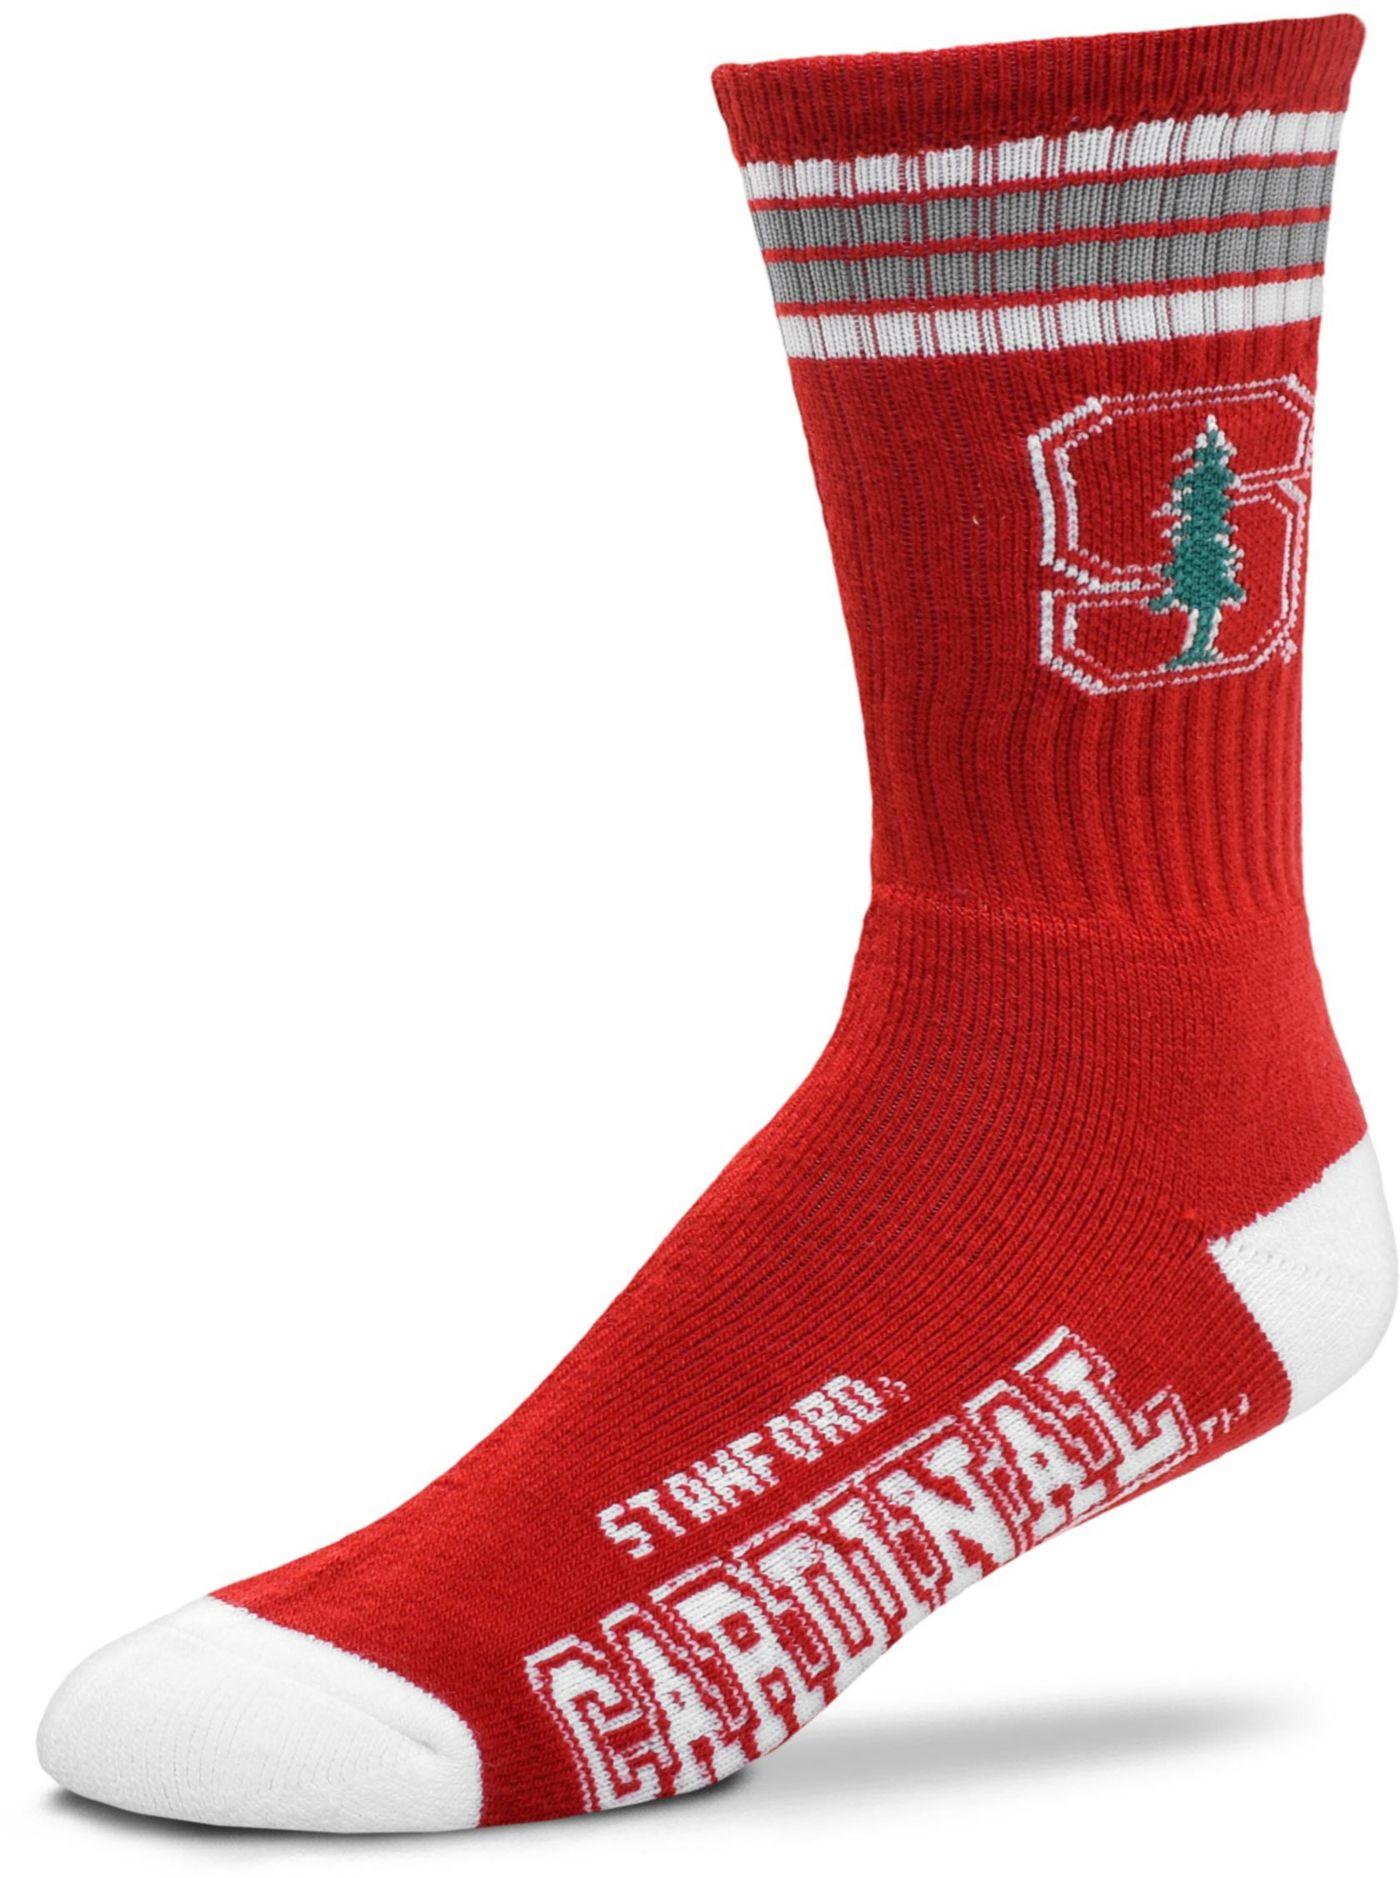 For Bare Feet Stanford Cardinal 4-Stripe Deuce Crew Socks